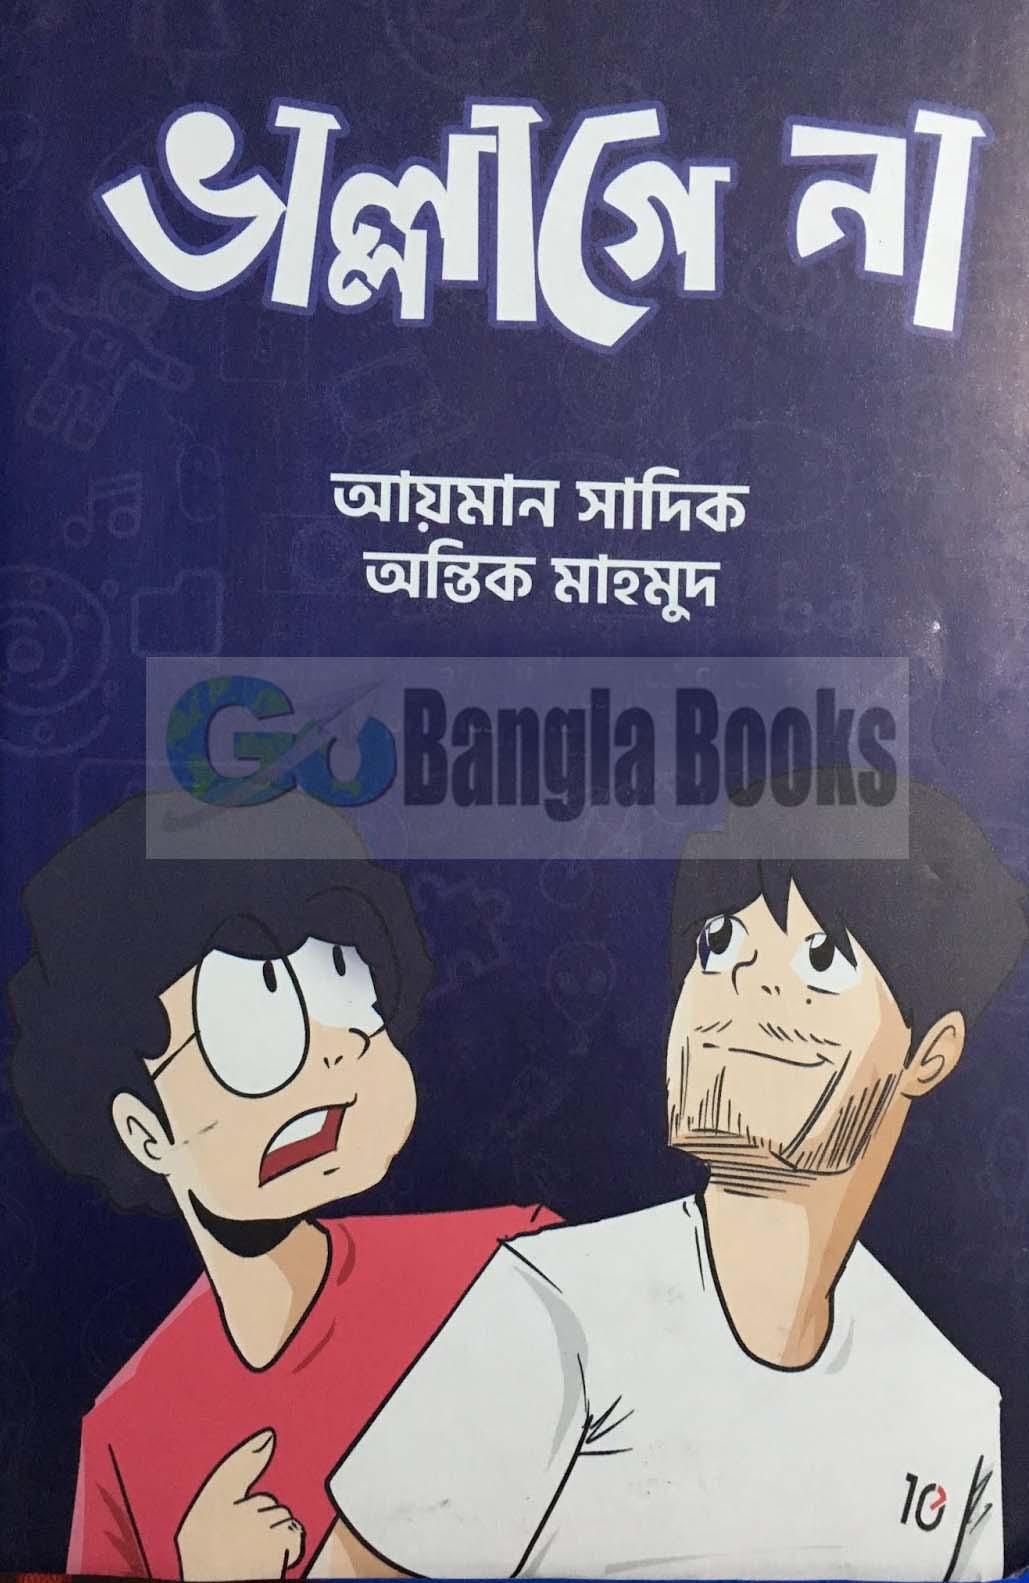 Leadership 101 Pdf Free Download Bangla